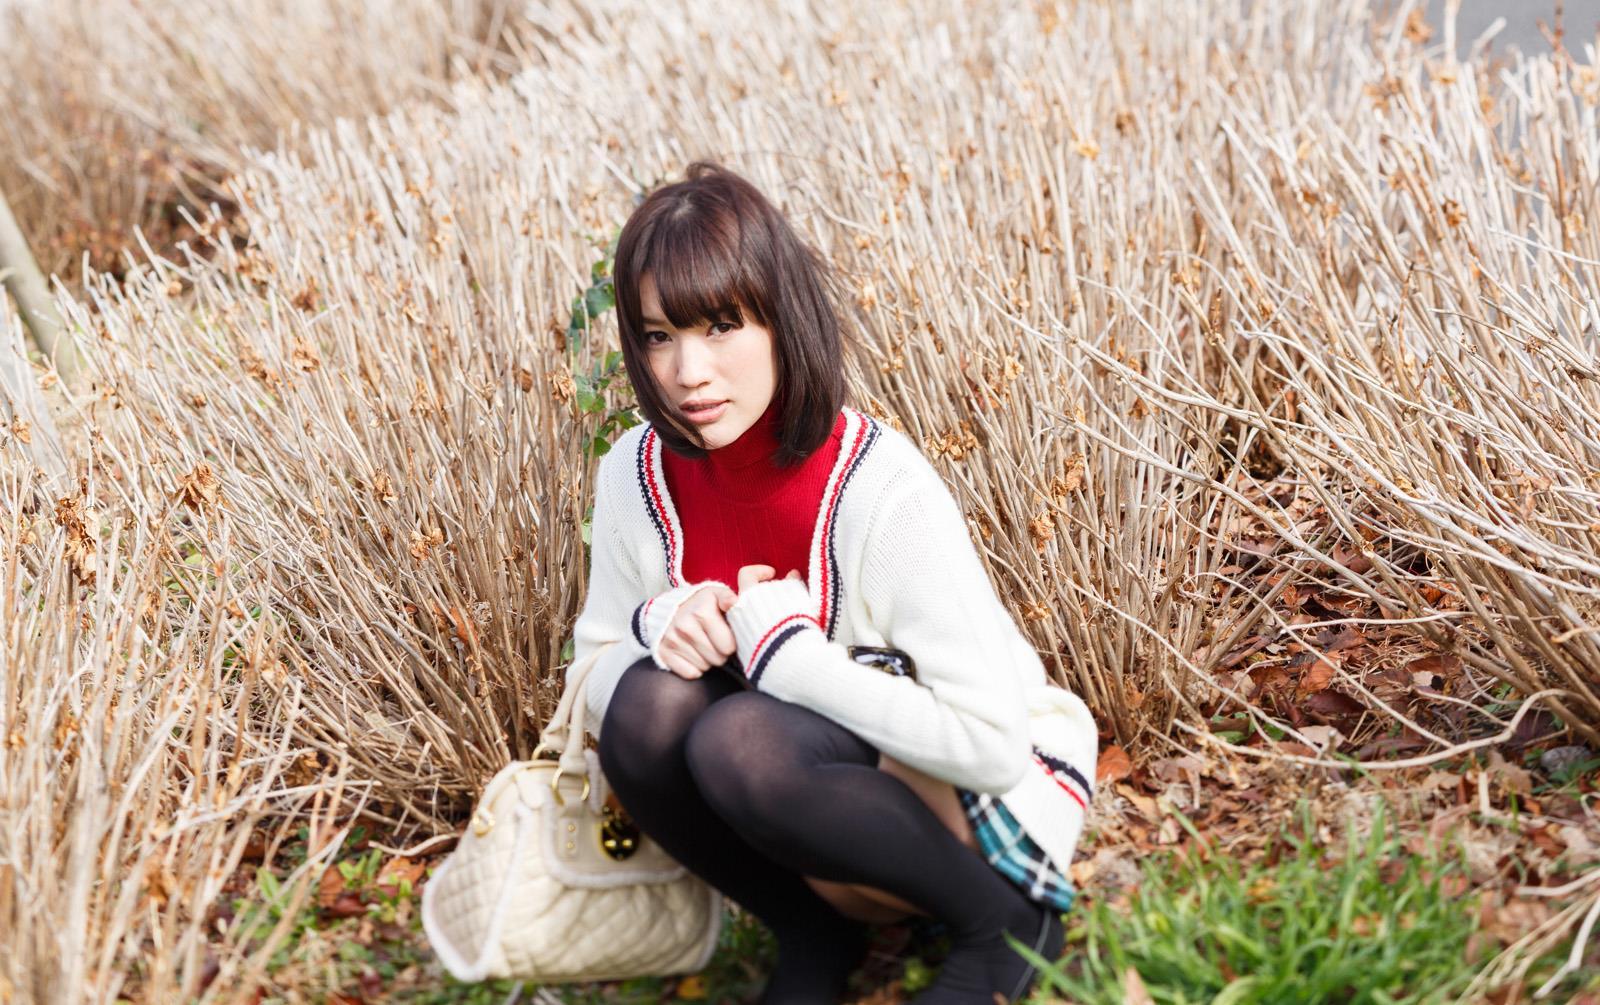 本田莉子 ヌード画像 56